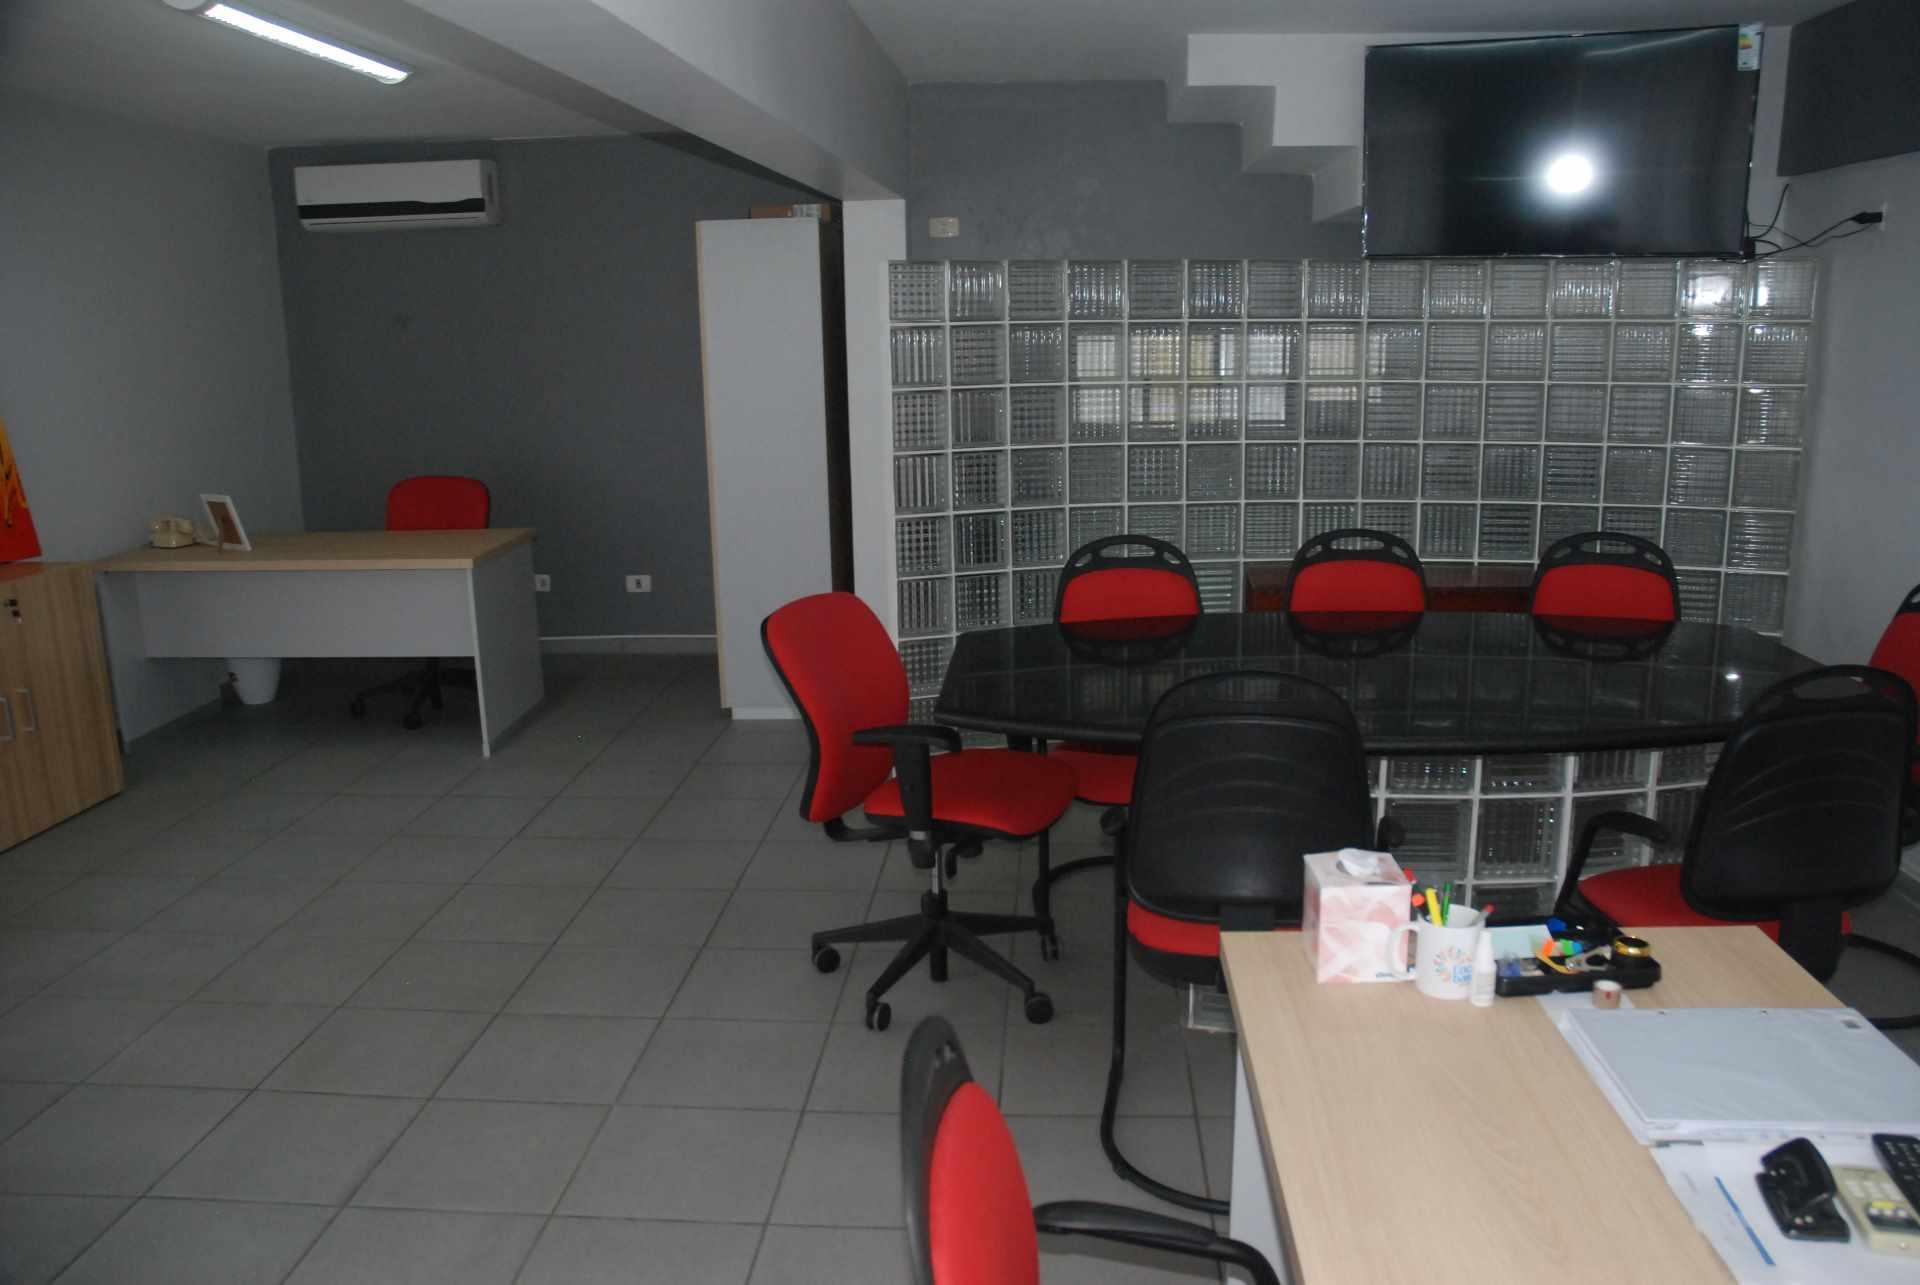 Oficina en Alquiler Cerca del colegio Cristo Rey y Avenida Irala, Calle La Riva Foto 7